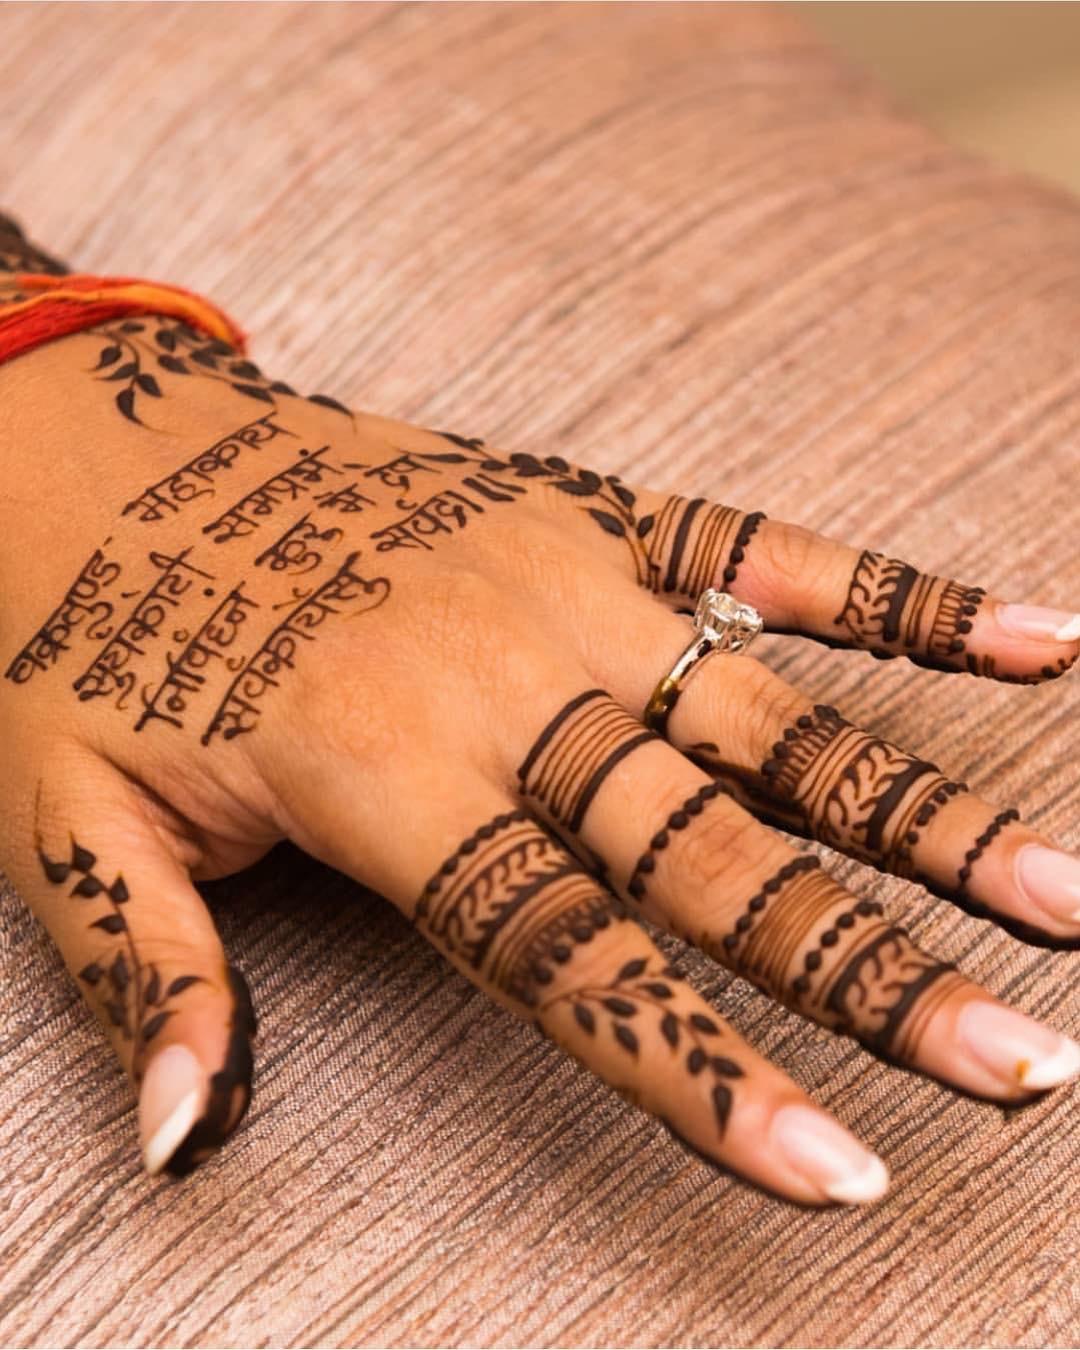 henna design | indian bridal mehendi | karvachauth | mehendi design | karvachauth special | first karvachauth | mehndi | henna style | indian bridal | oindian wedding | wedding vows | modern henna